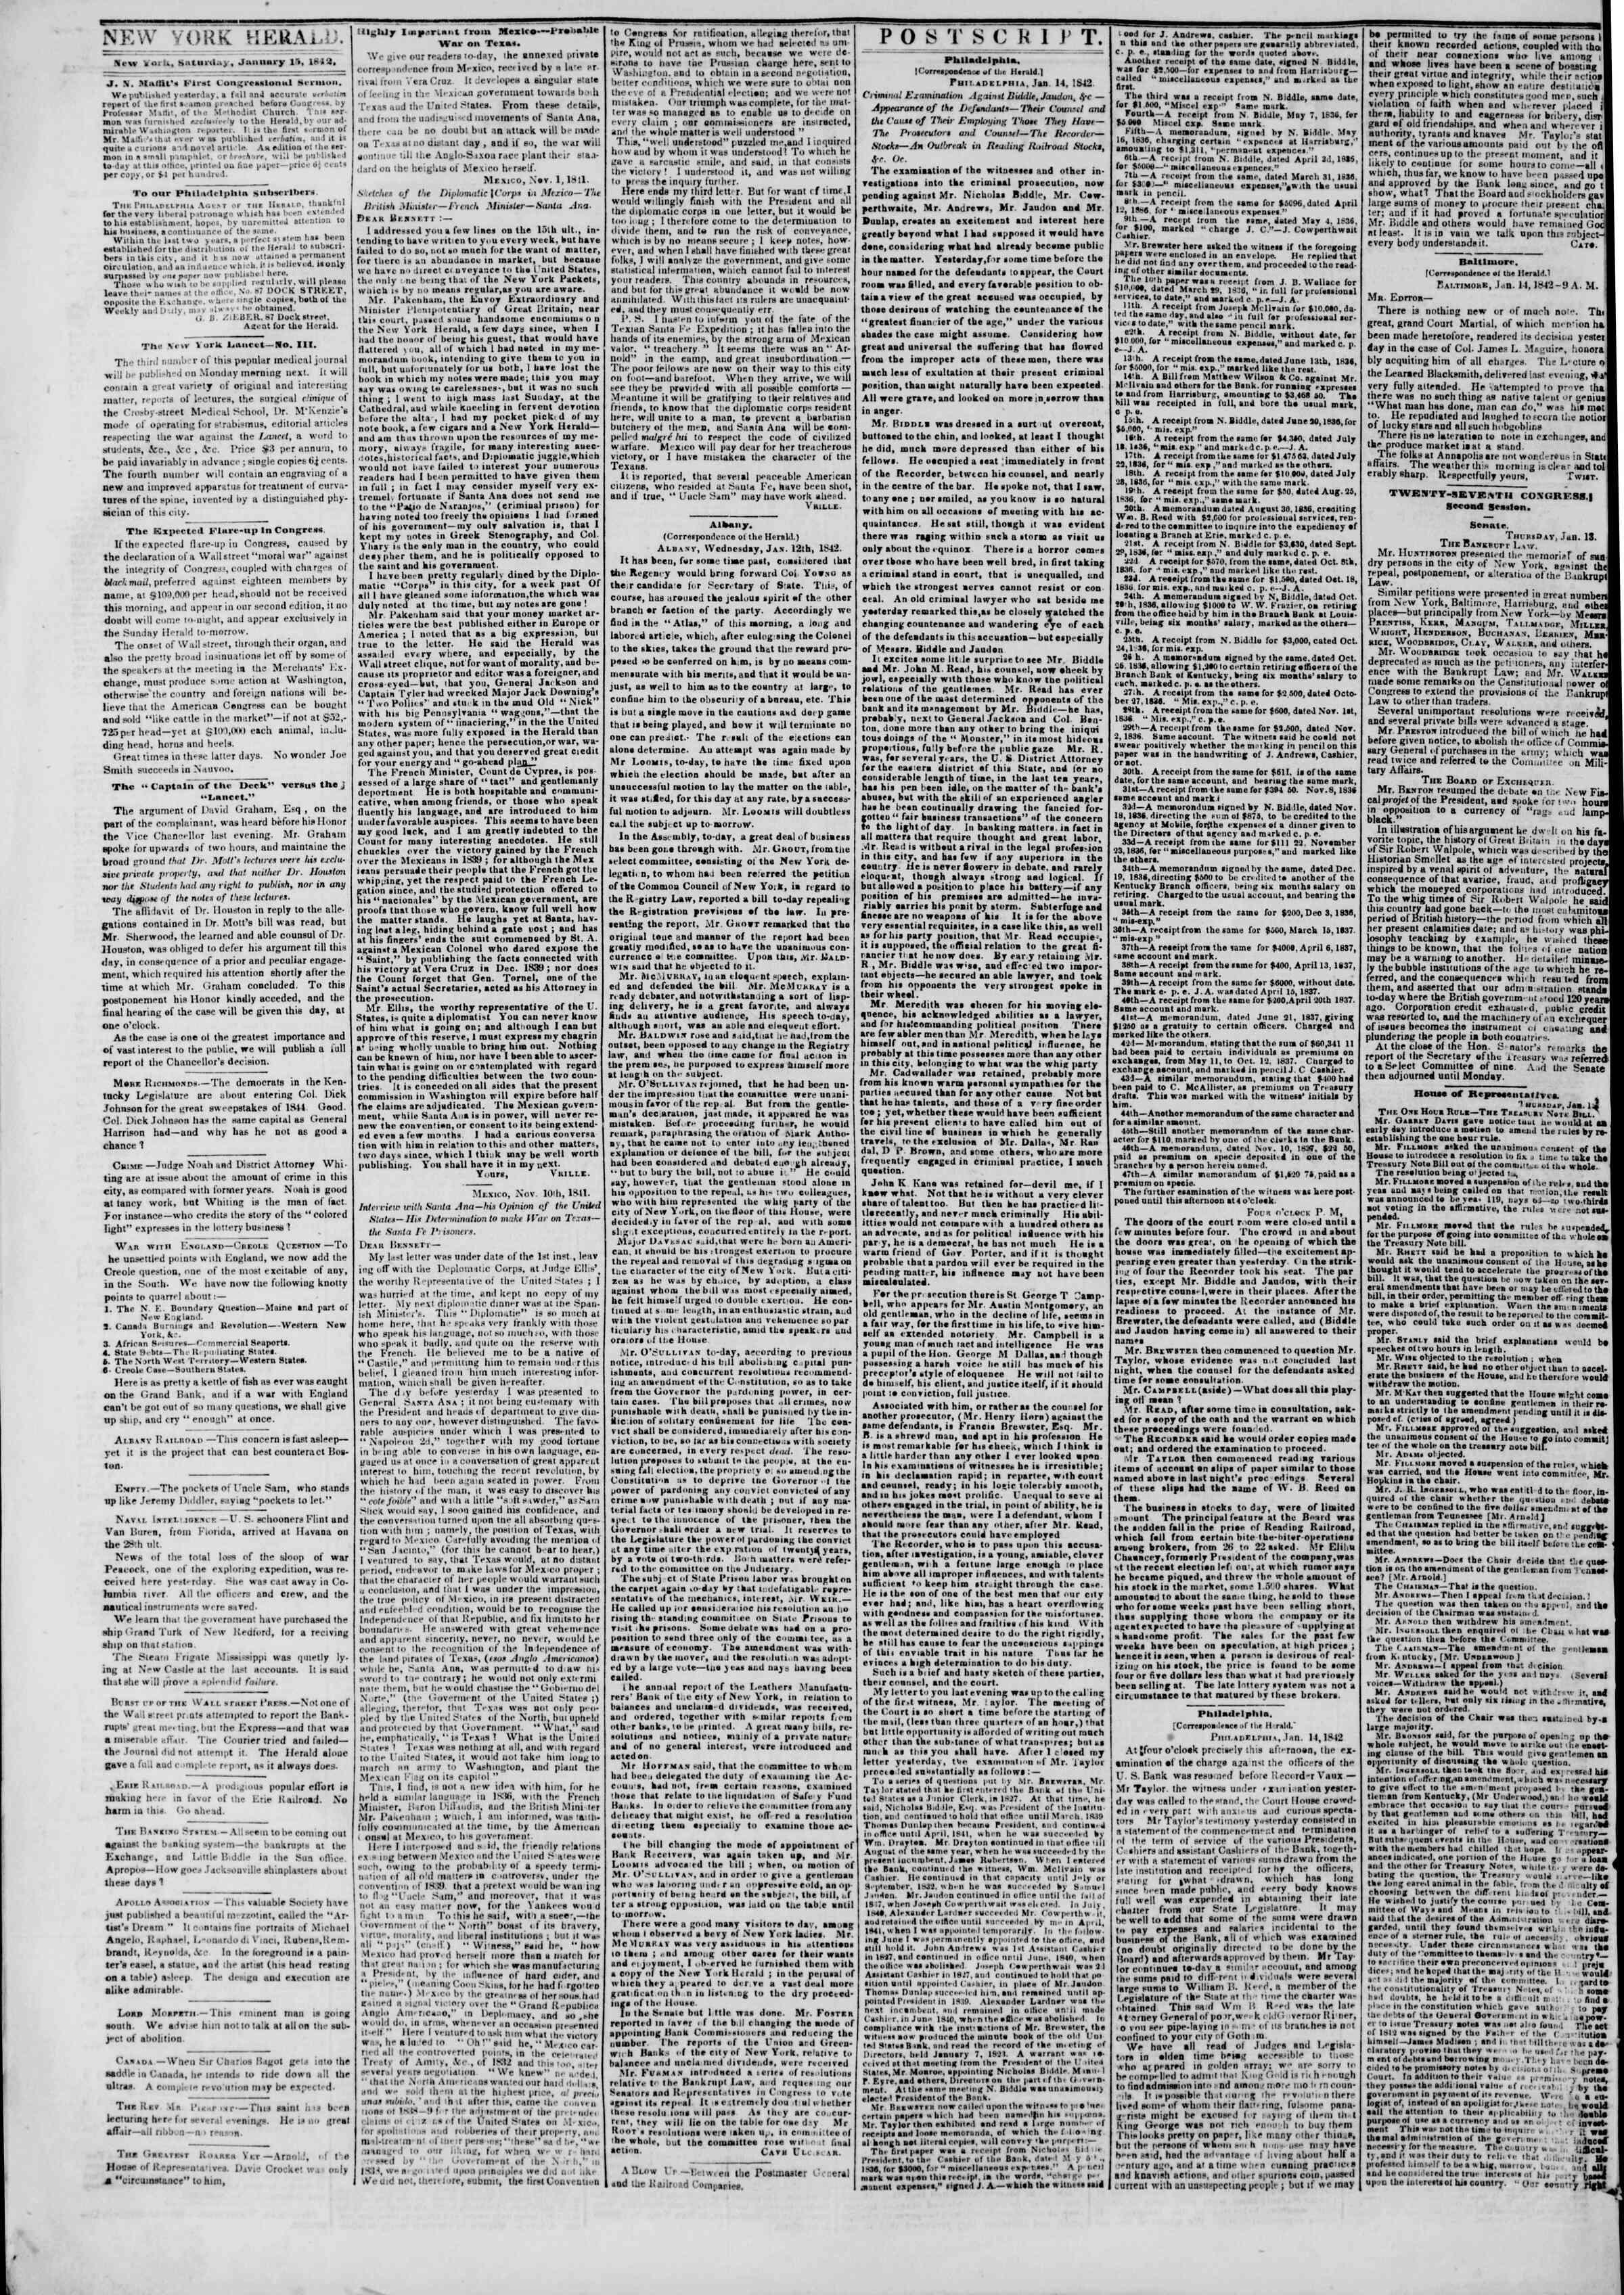 January 15, 1842 Tarihli The New York Herald Gazetesi Sayfa 2